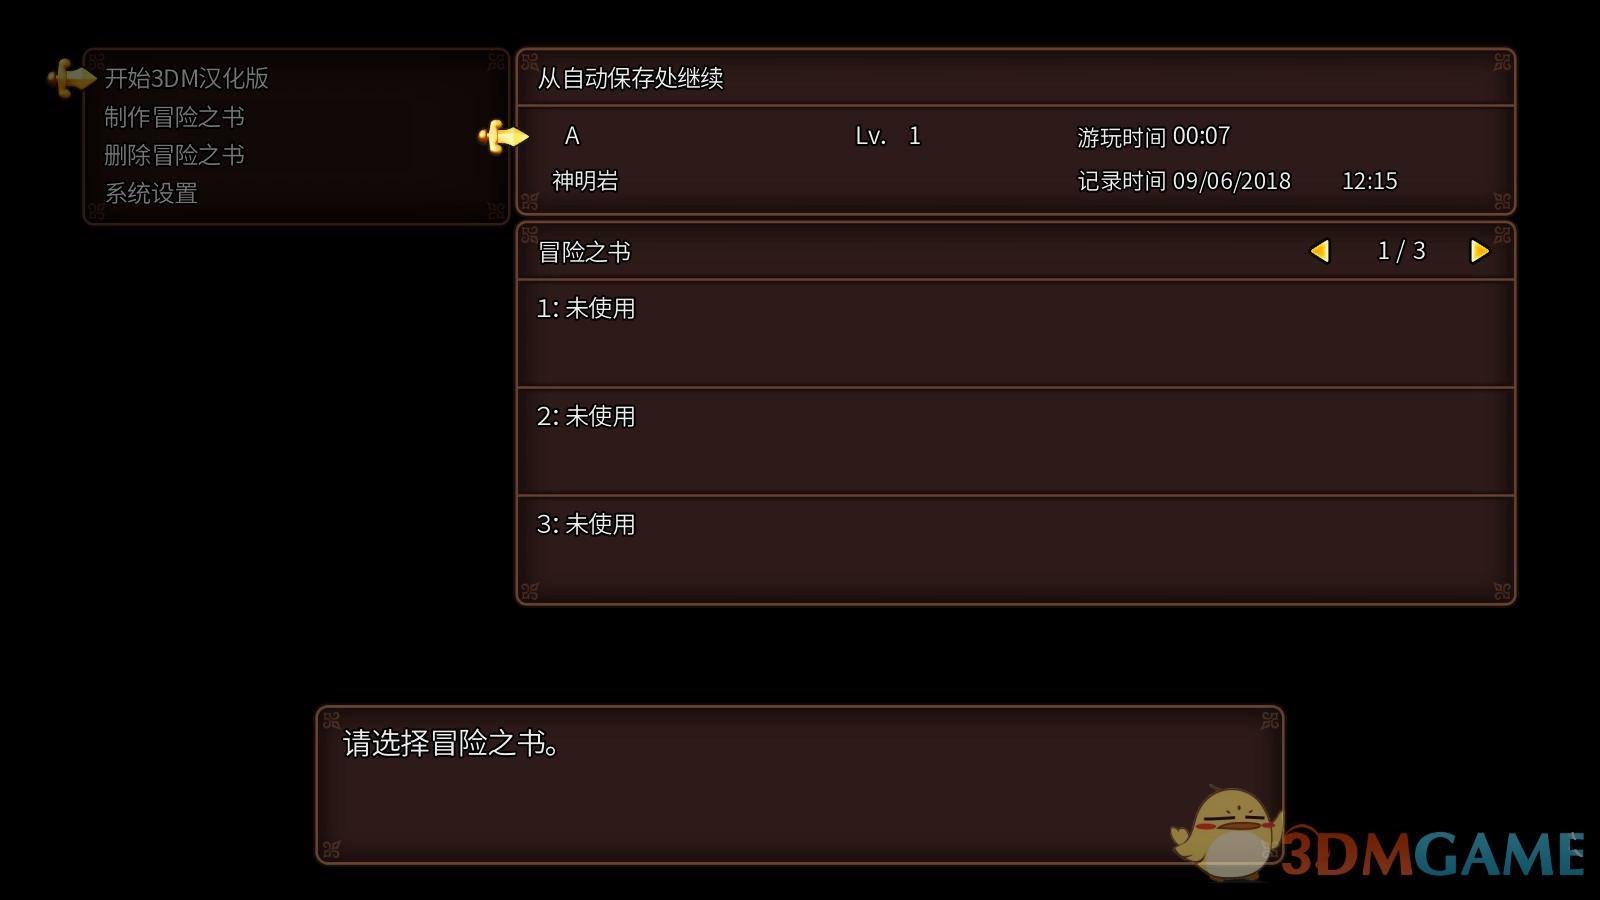 《勇者斗恶龙11:追寻逝去的时光》 3DM汉化组汉化补丁v3.0